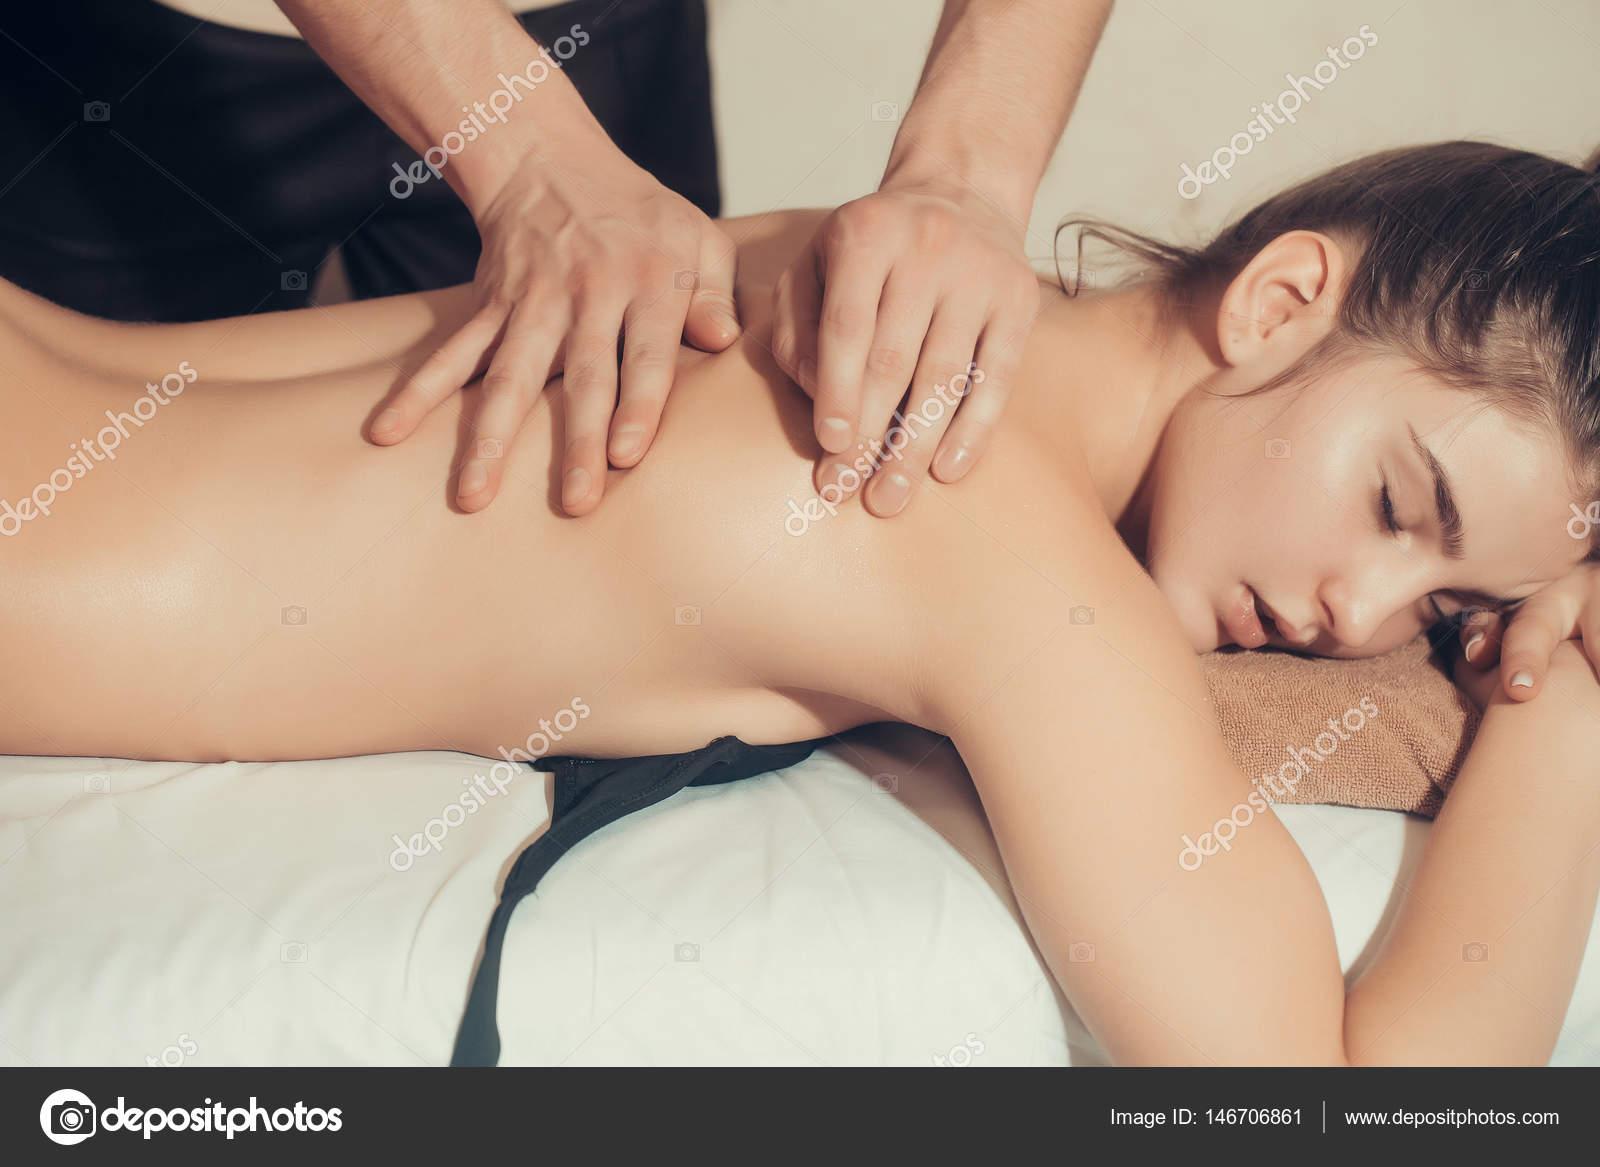 σεξ y μασάζ Πώς να δώσει την απόλυτη πίπα